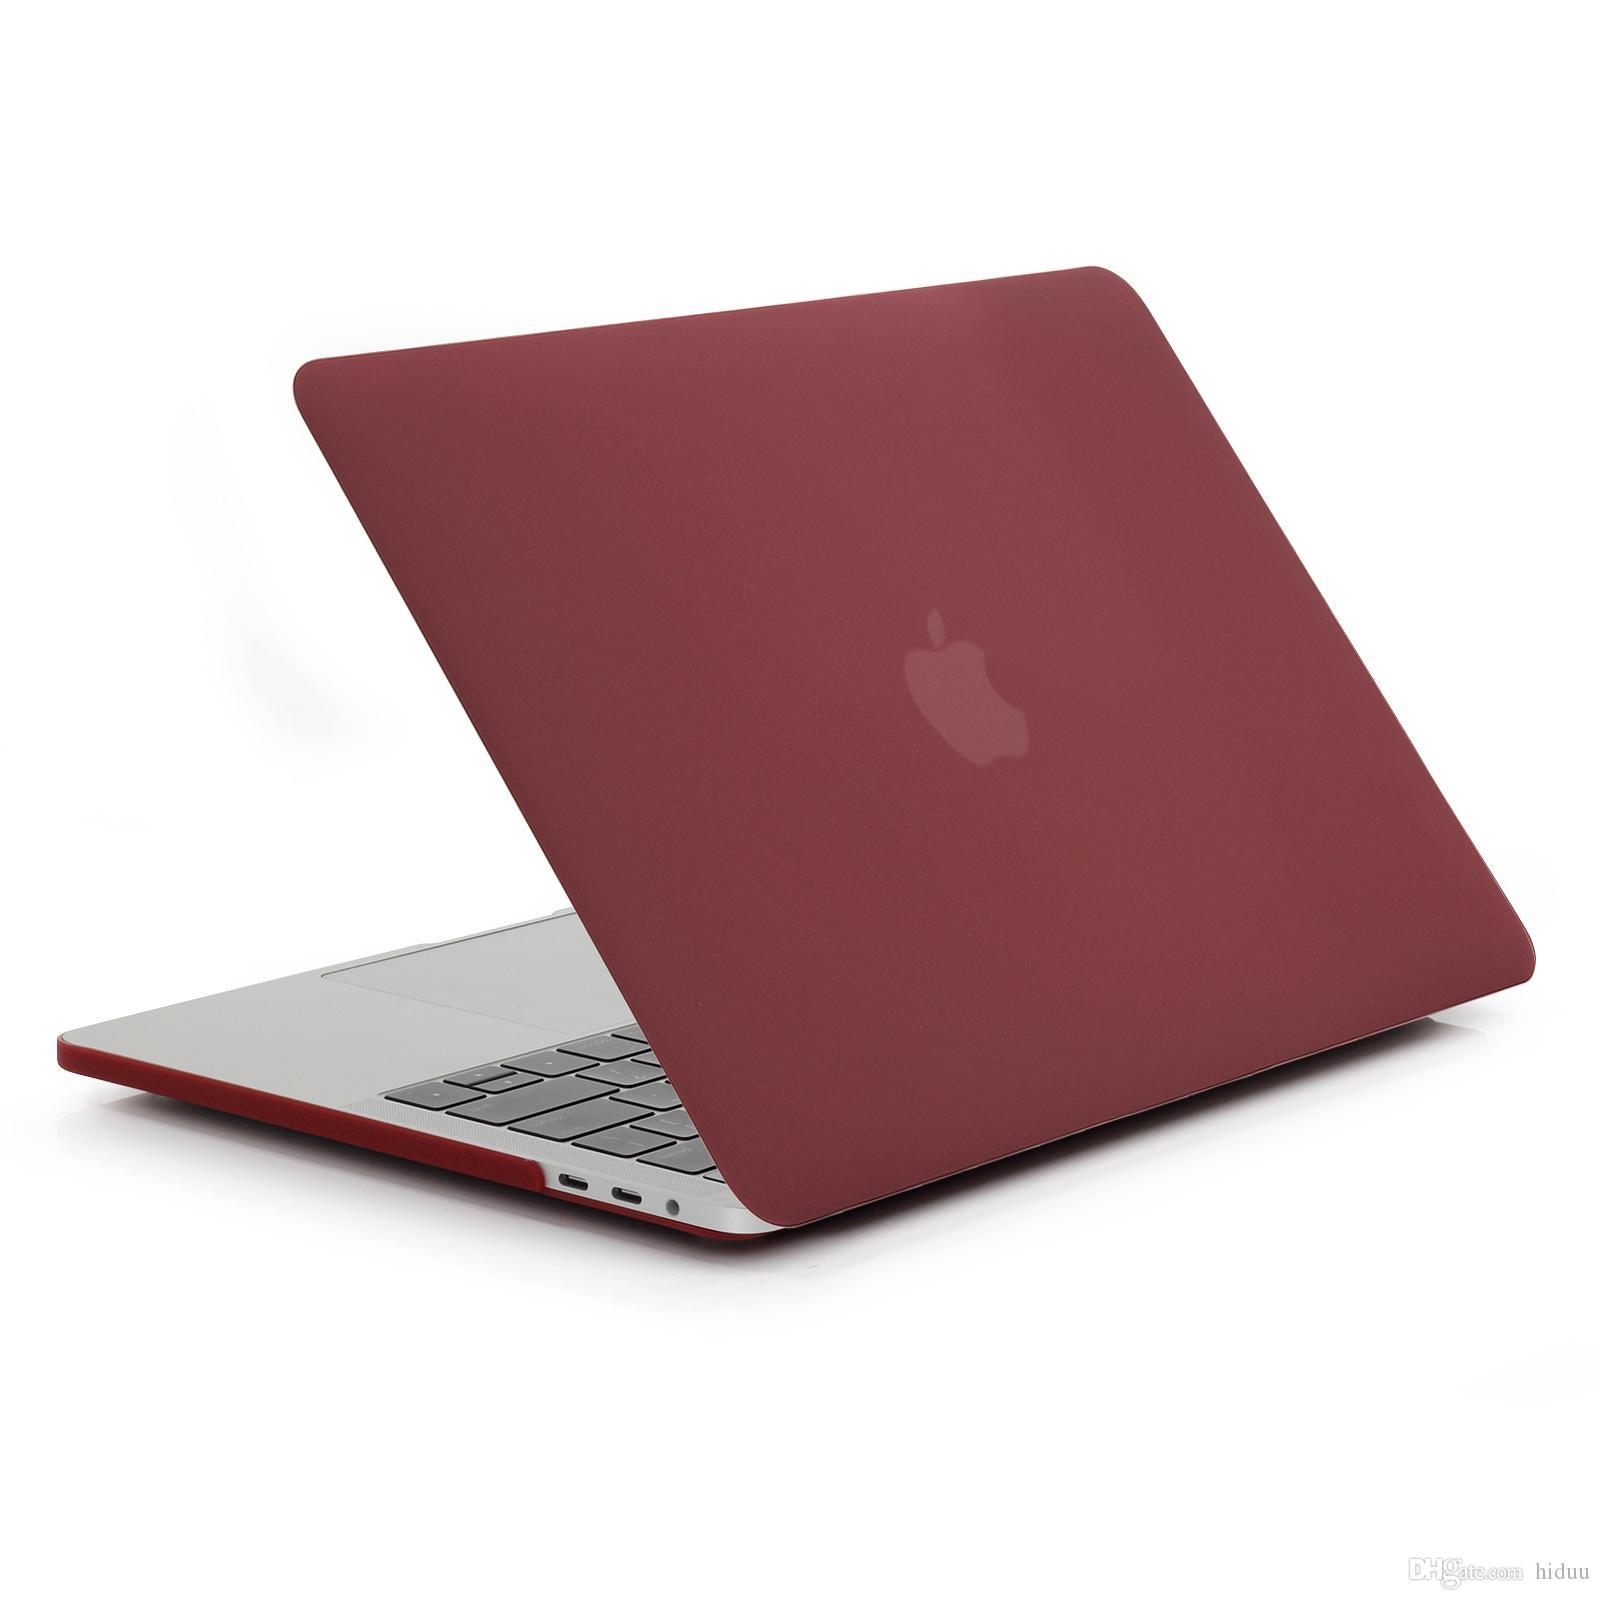 Матовый резиновым покрытием Soft Touch пластиковый жесткий чехол для MacBook Pro 15 дюймов последняя версия-релиз октября 2016 A1707 с крышкой клавиатуры